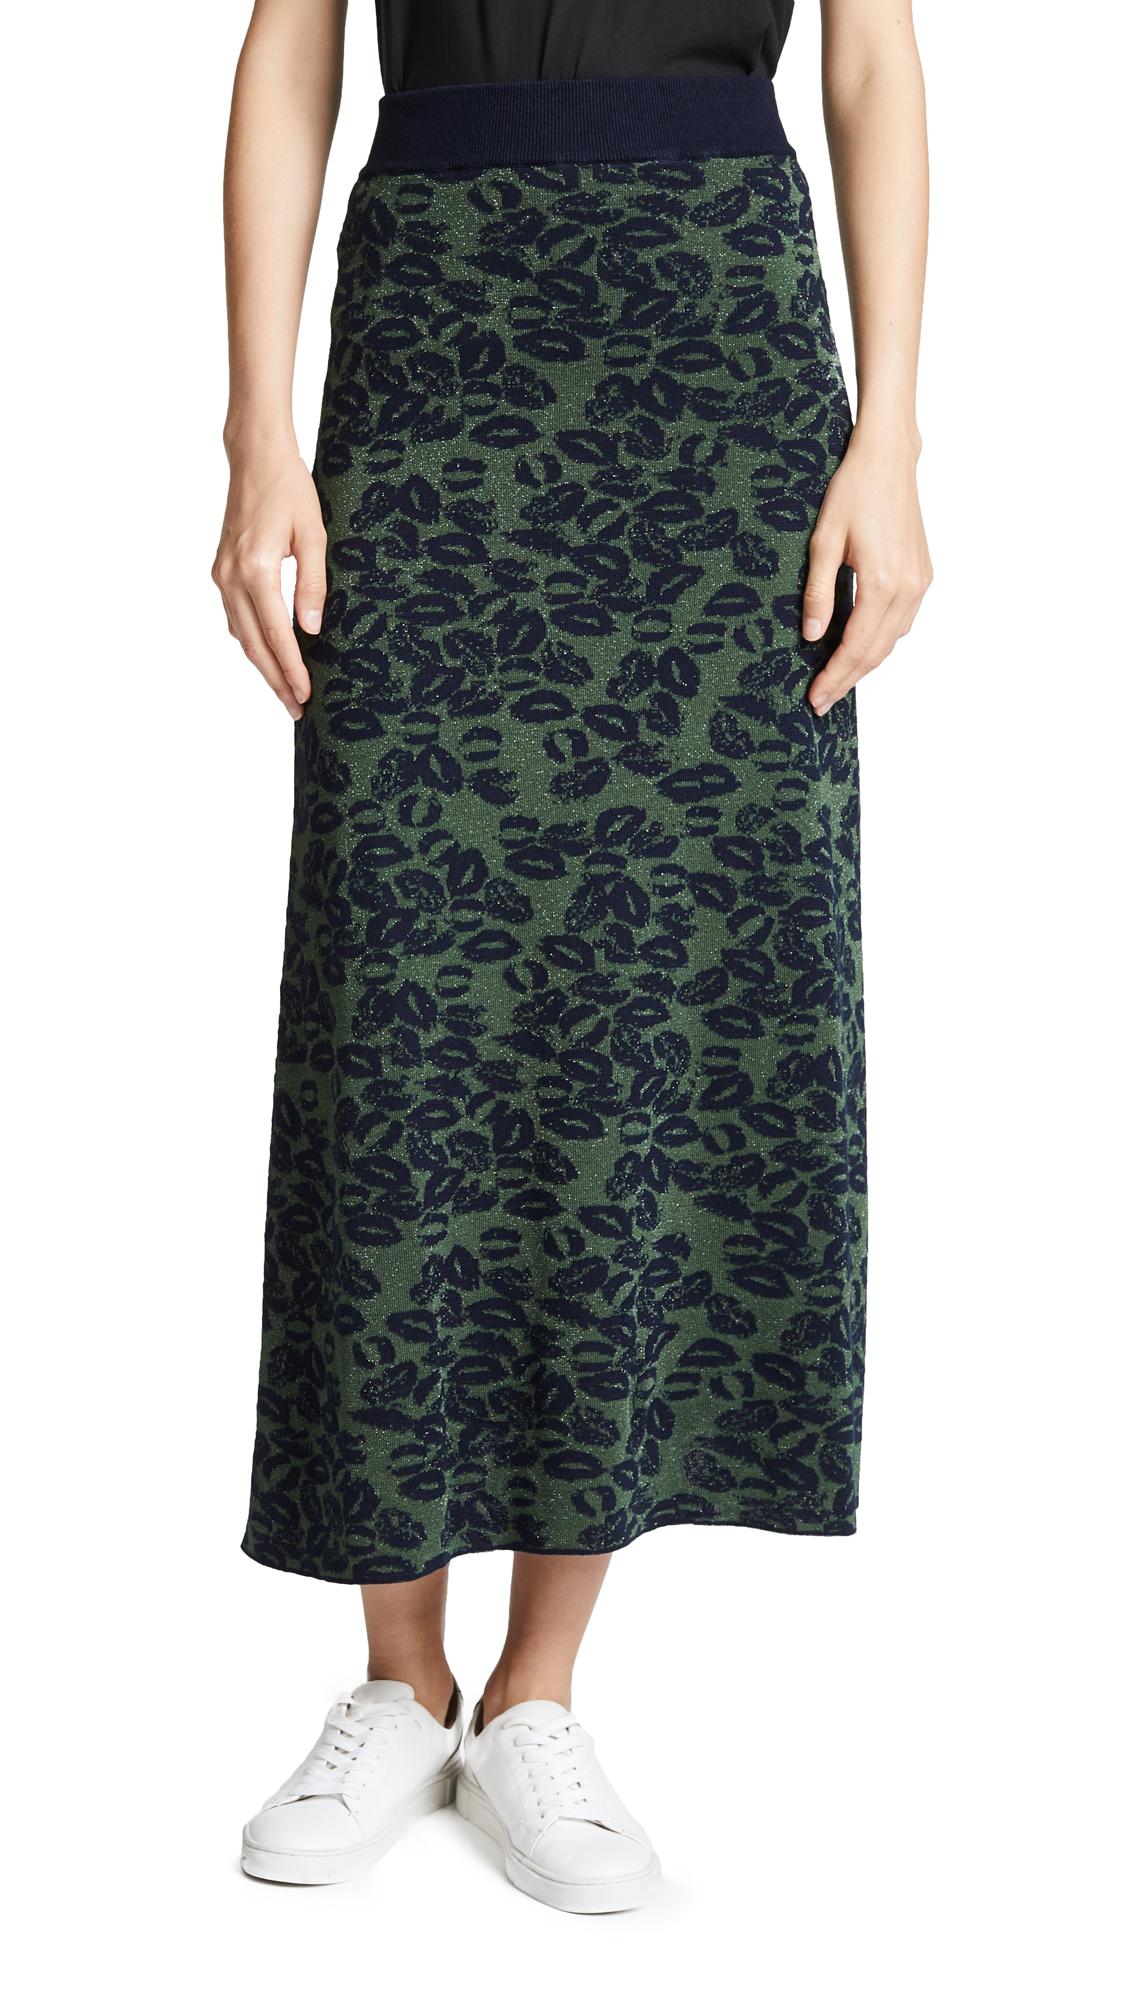 Sonia Rykiel Patterned Skirt In Blue/Green